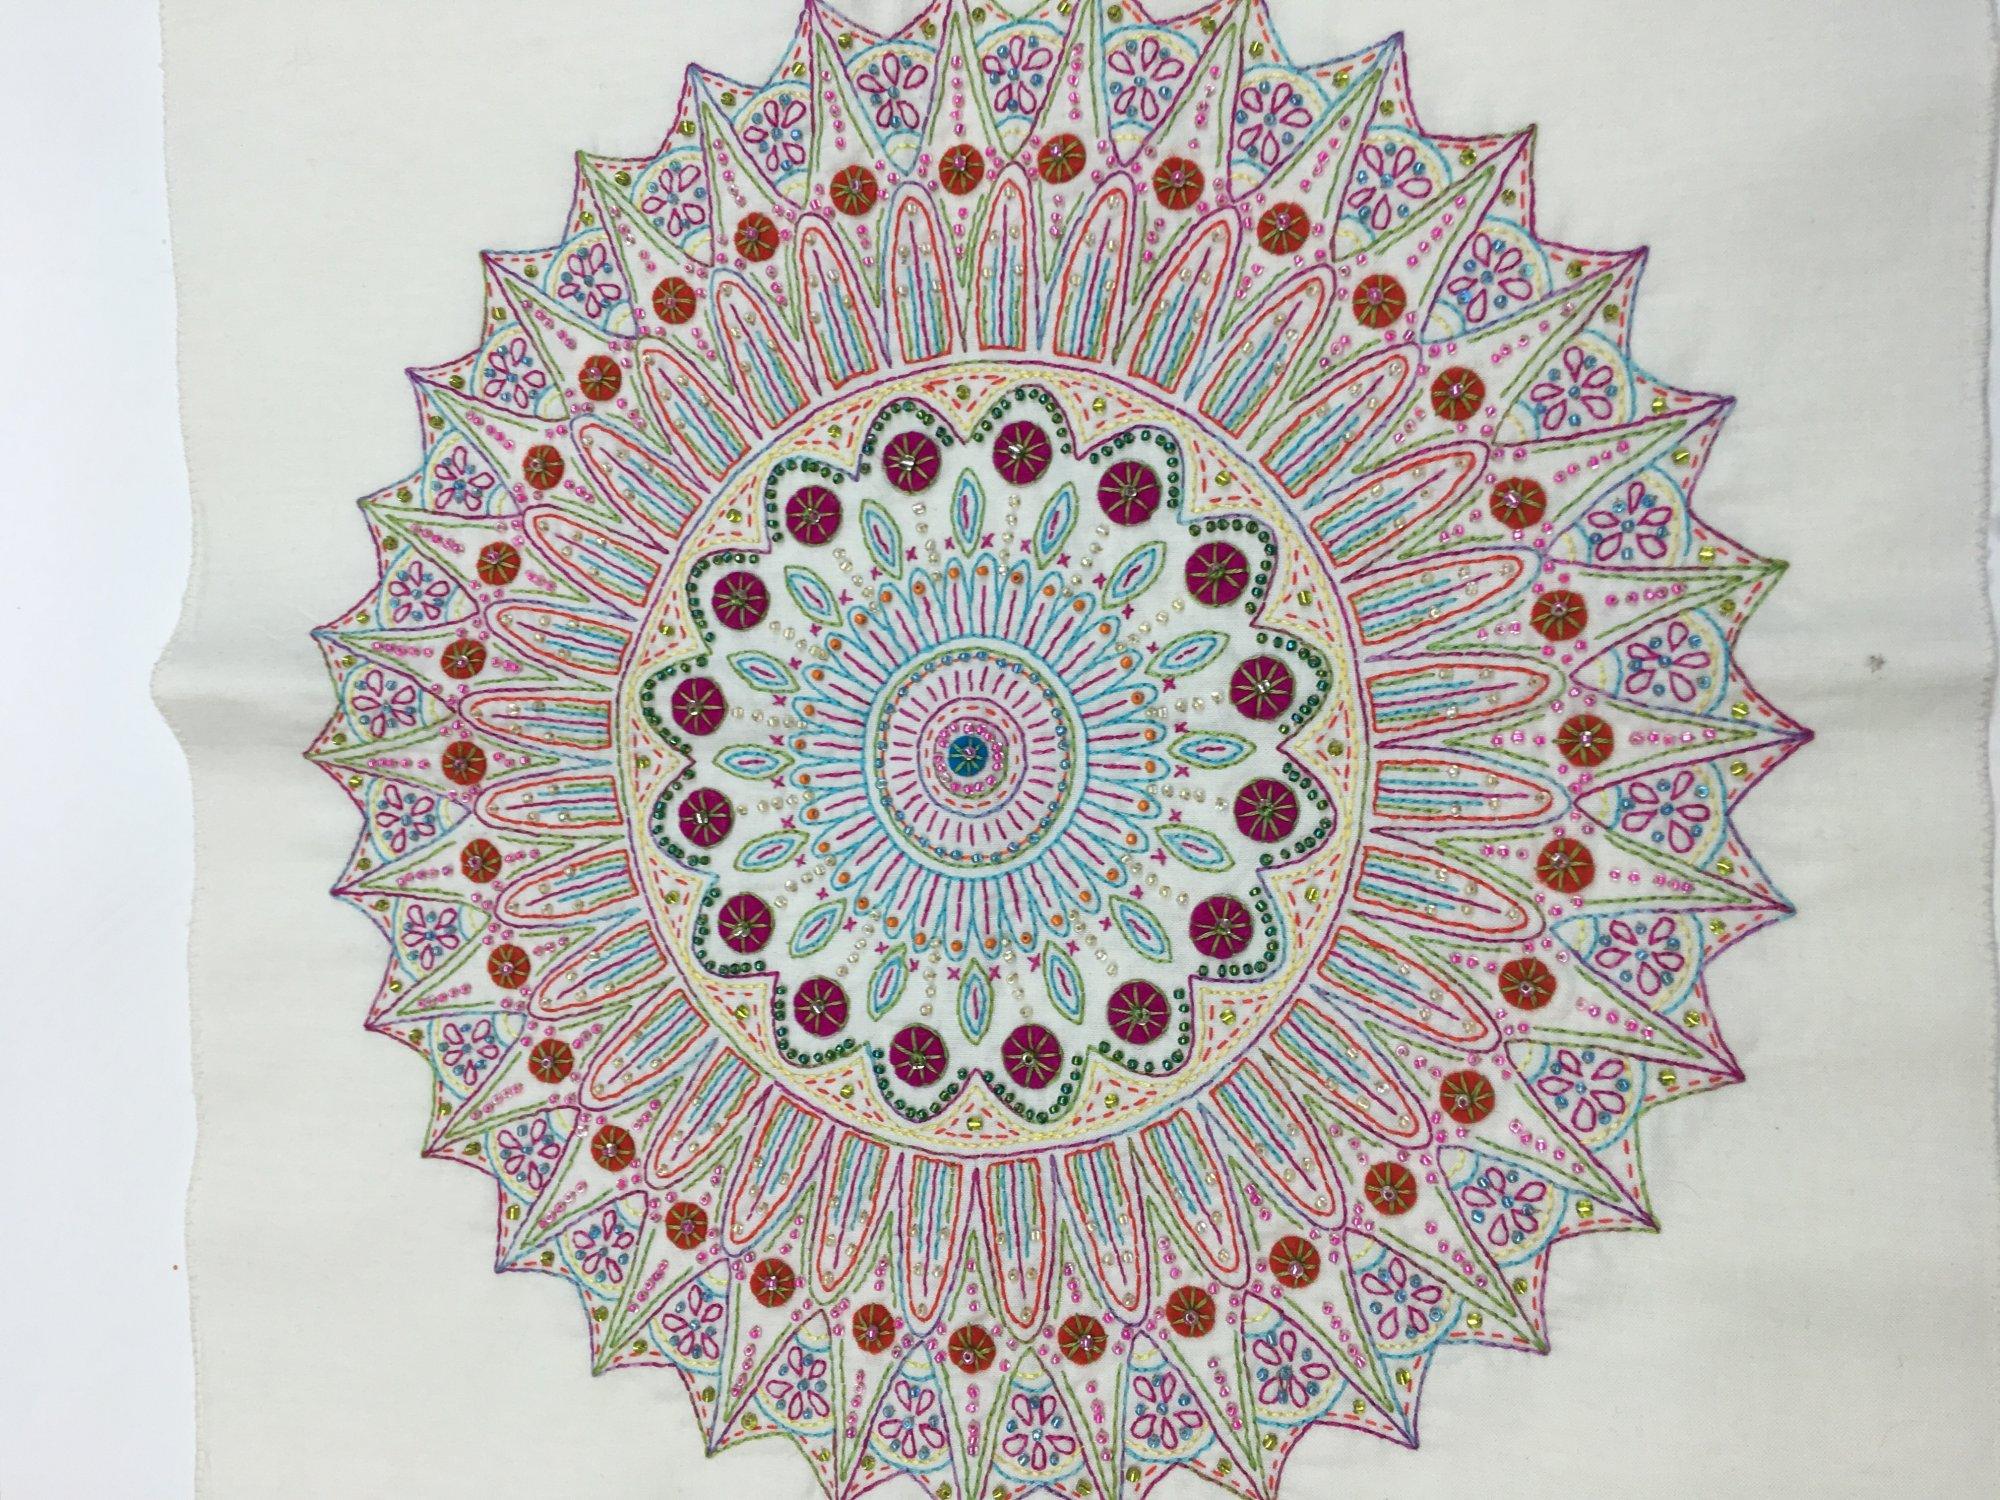 Mystery Stitched Mandalas